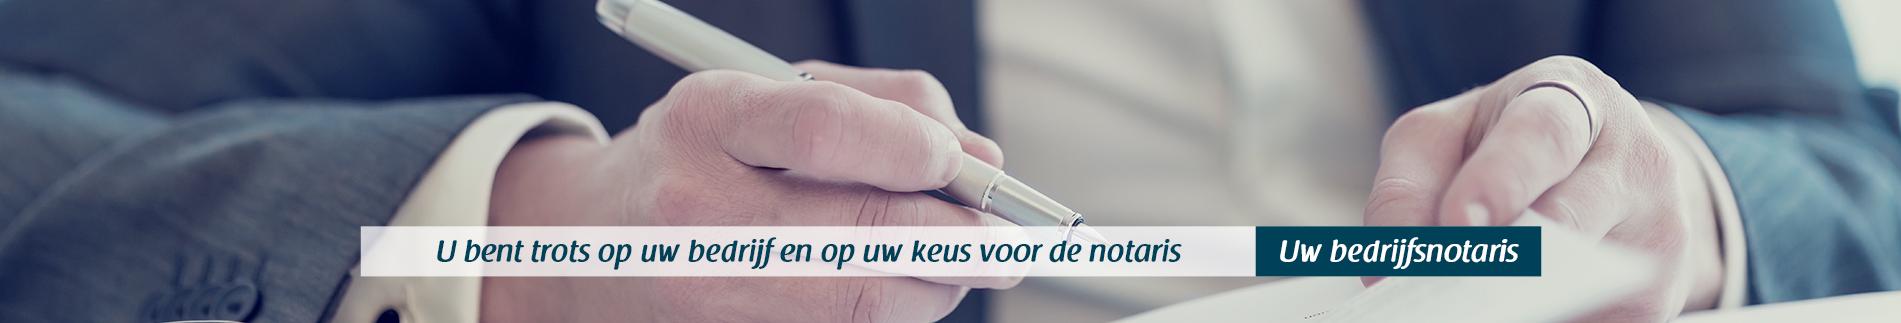 notaris-vriezenveen-Bedrijf-bedrijfsnotaris